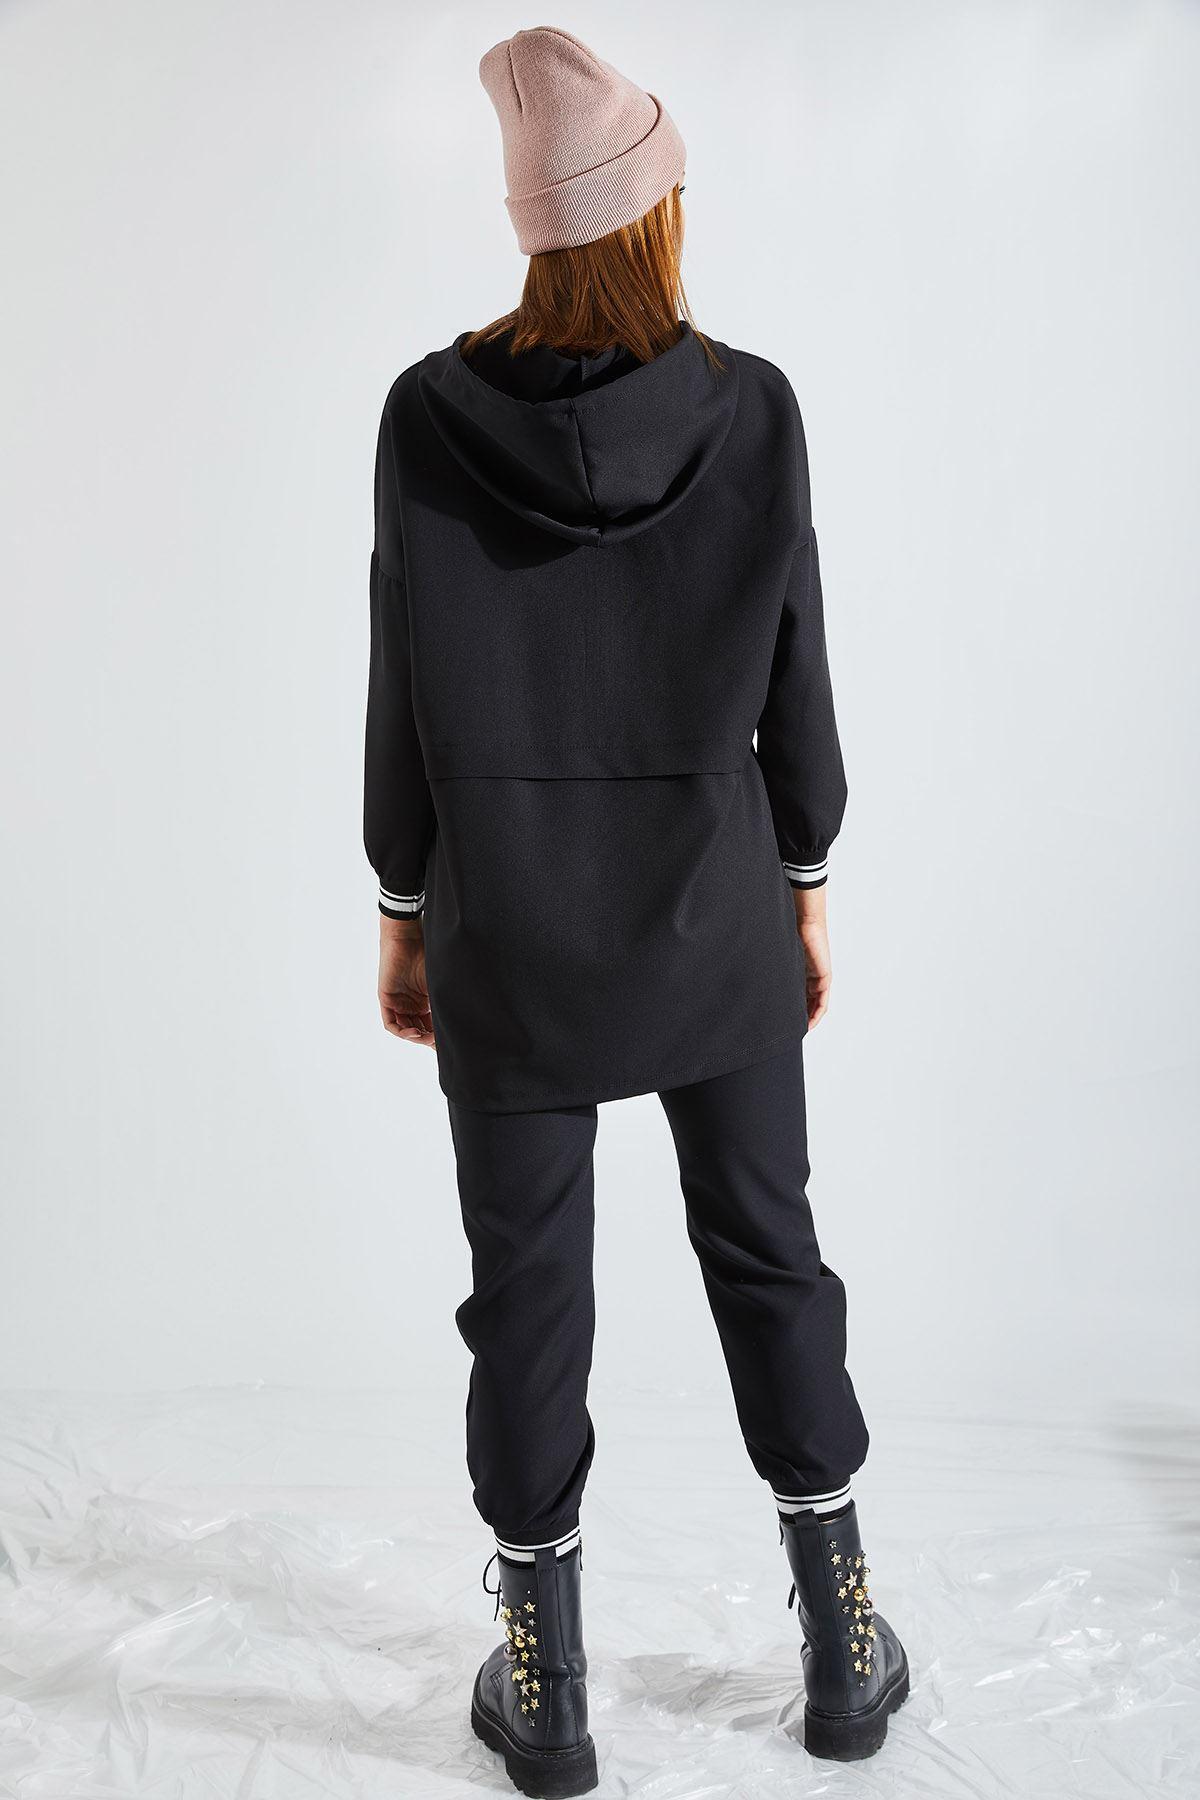 Kadın Kapüşonlu Yarım Fermuarlı Siyah Takım